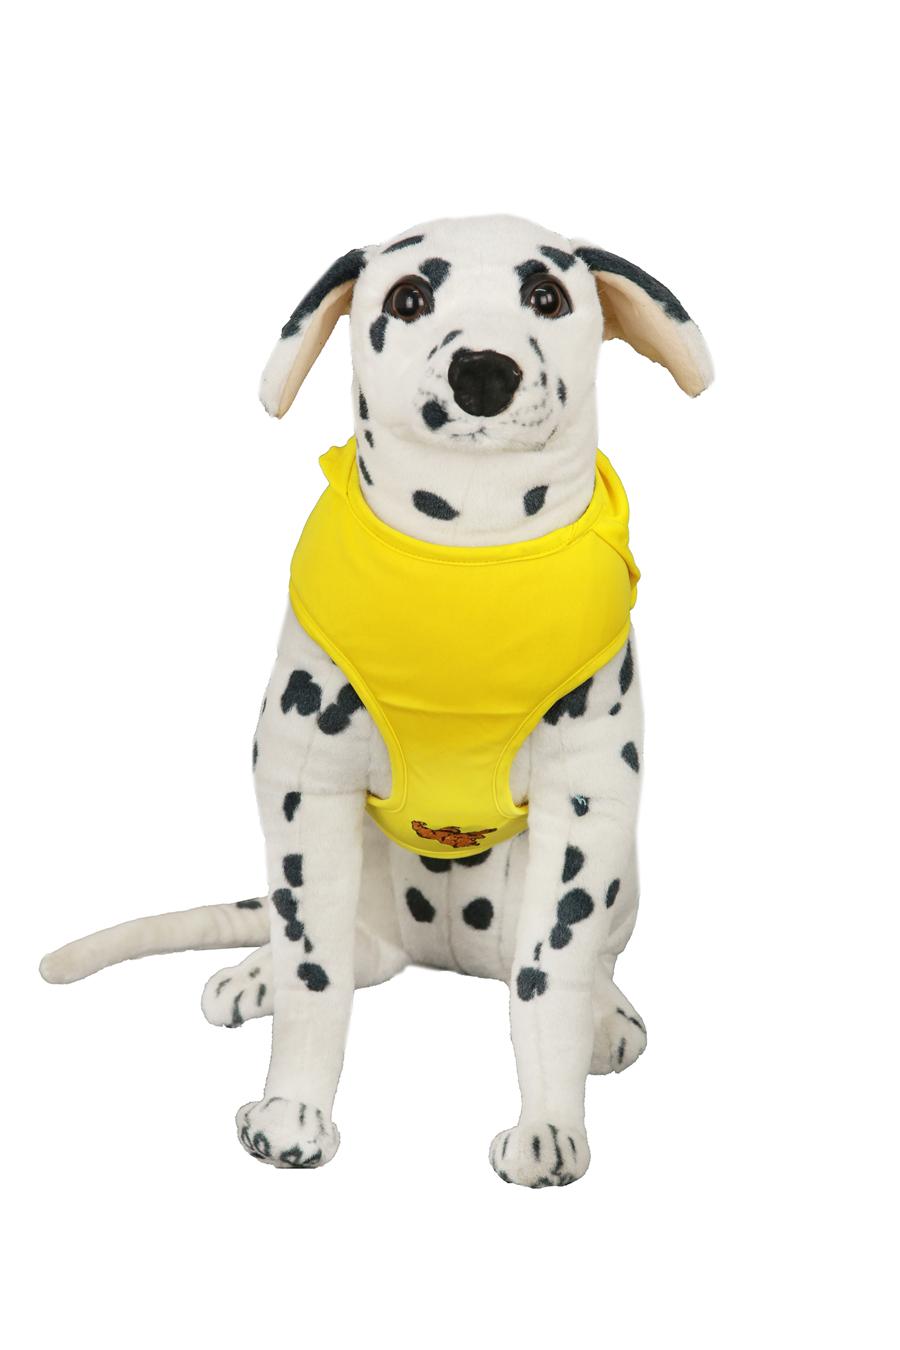 I-Shaped Customized Dog Harness